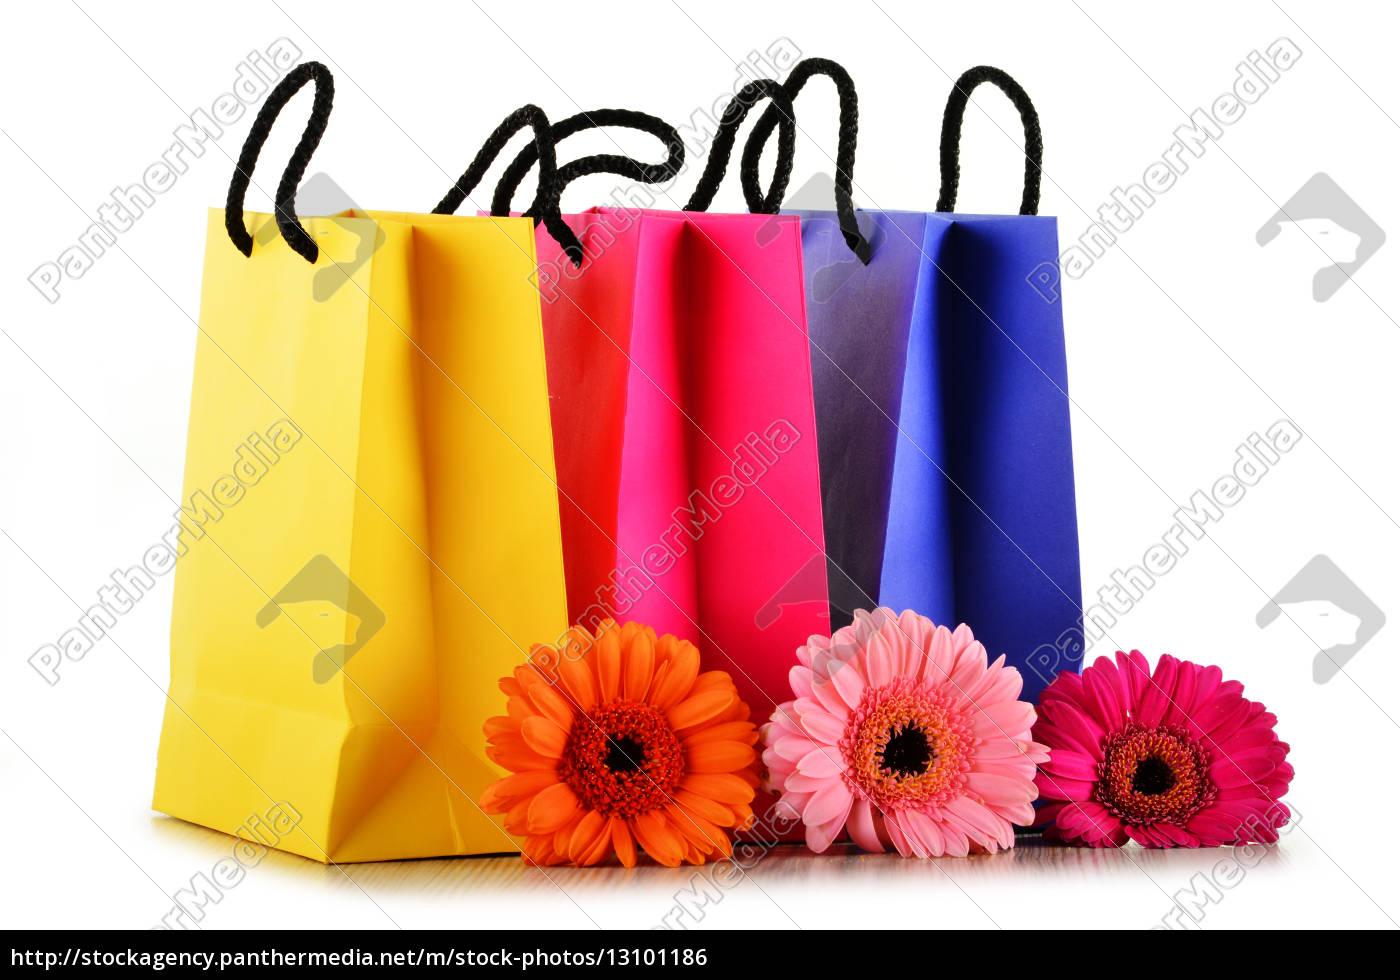 sacos, de, compra, de, papel, coloridos - 13101186